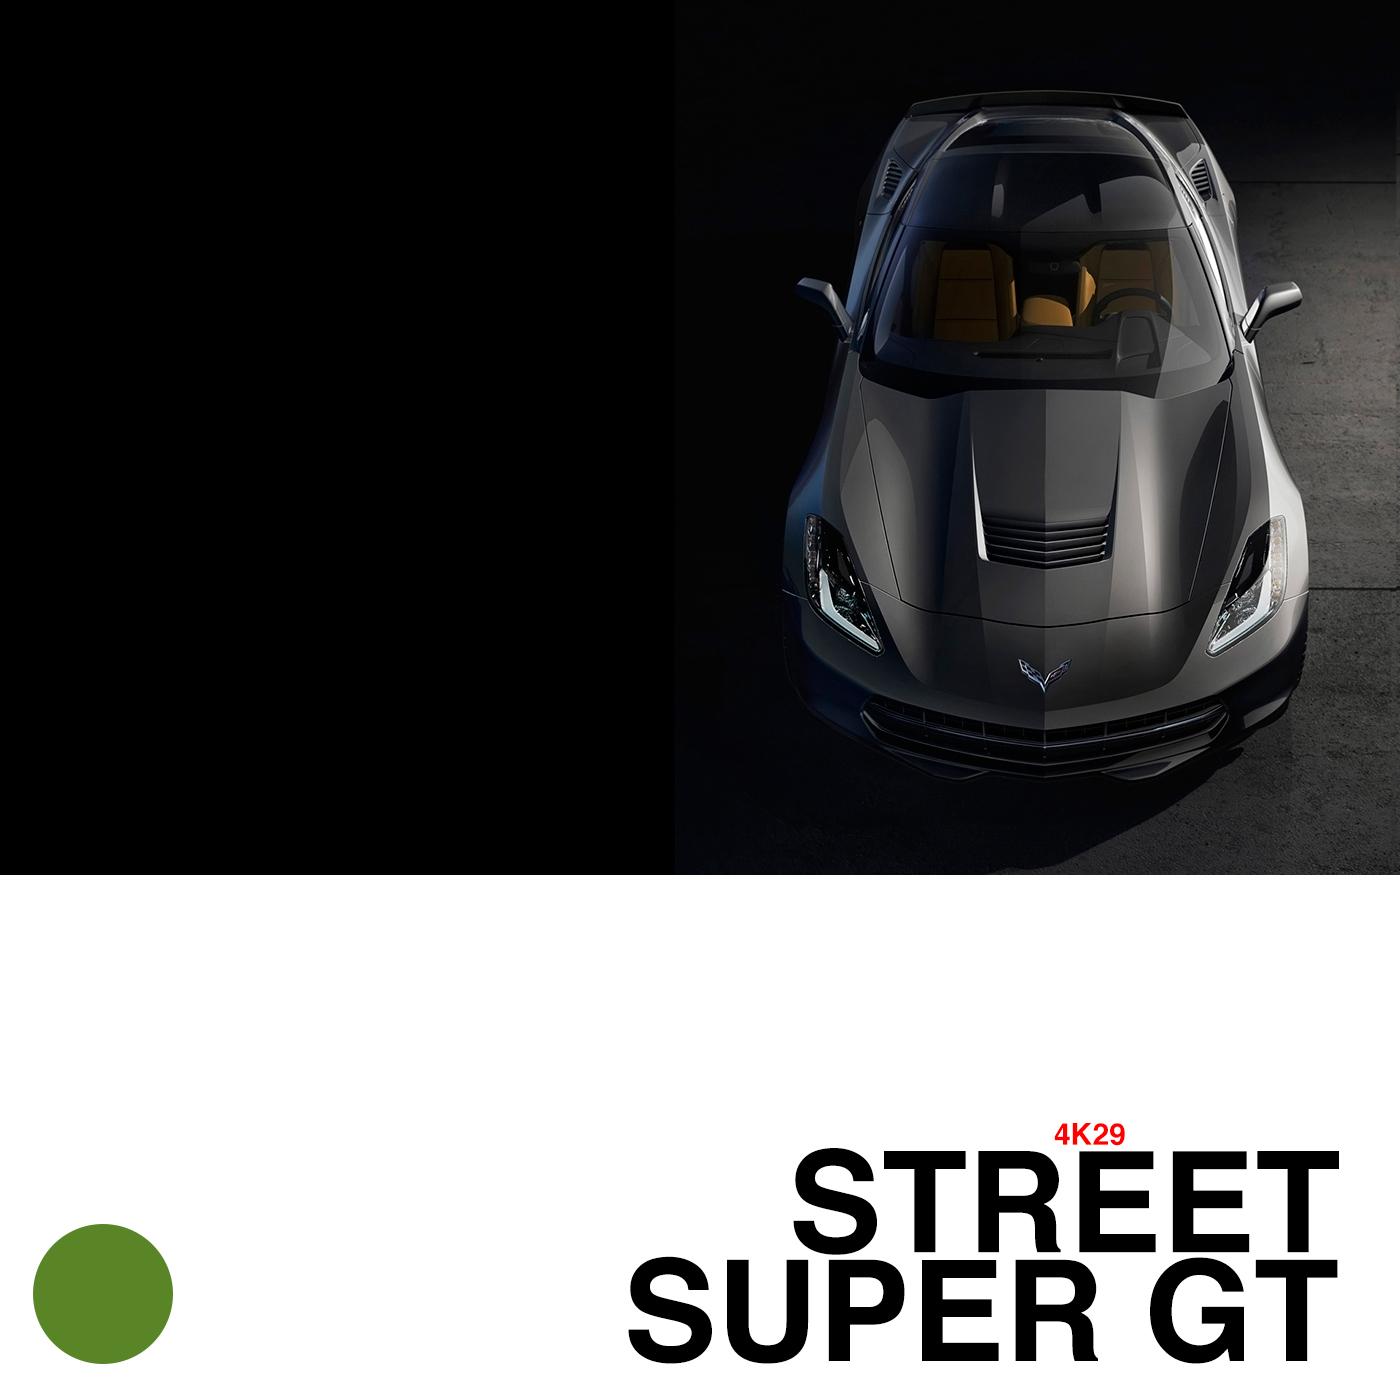 STREET SUPER GT 4K29 MOBILE640